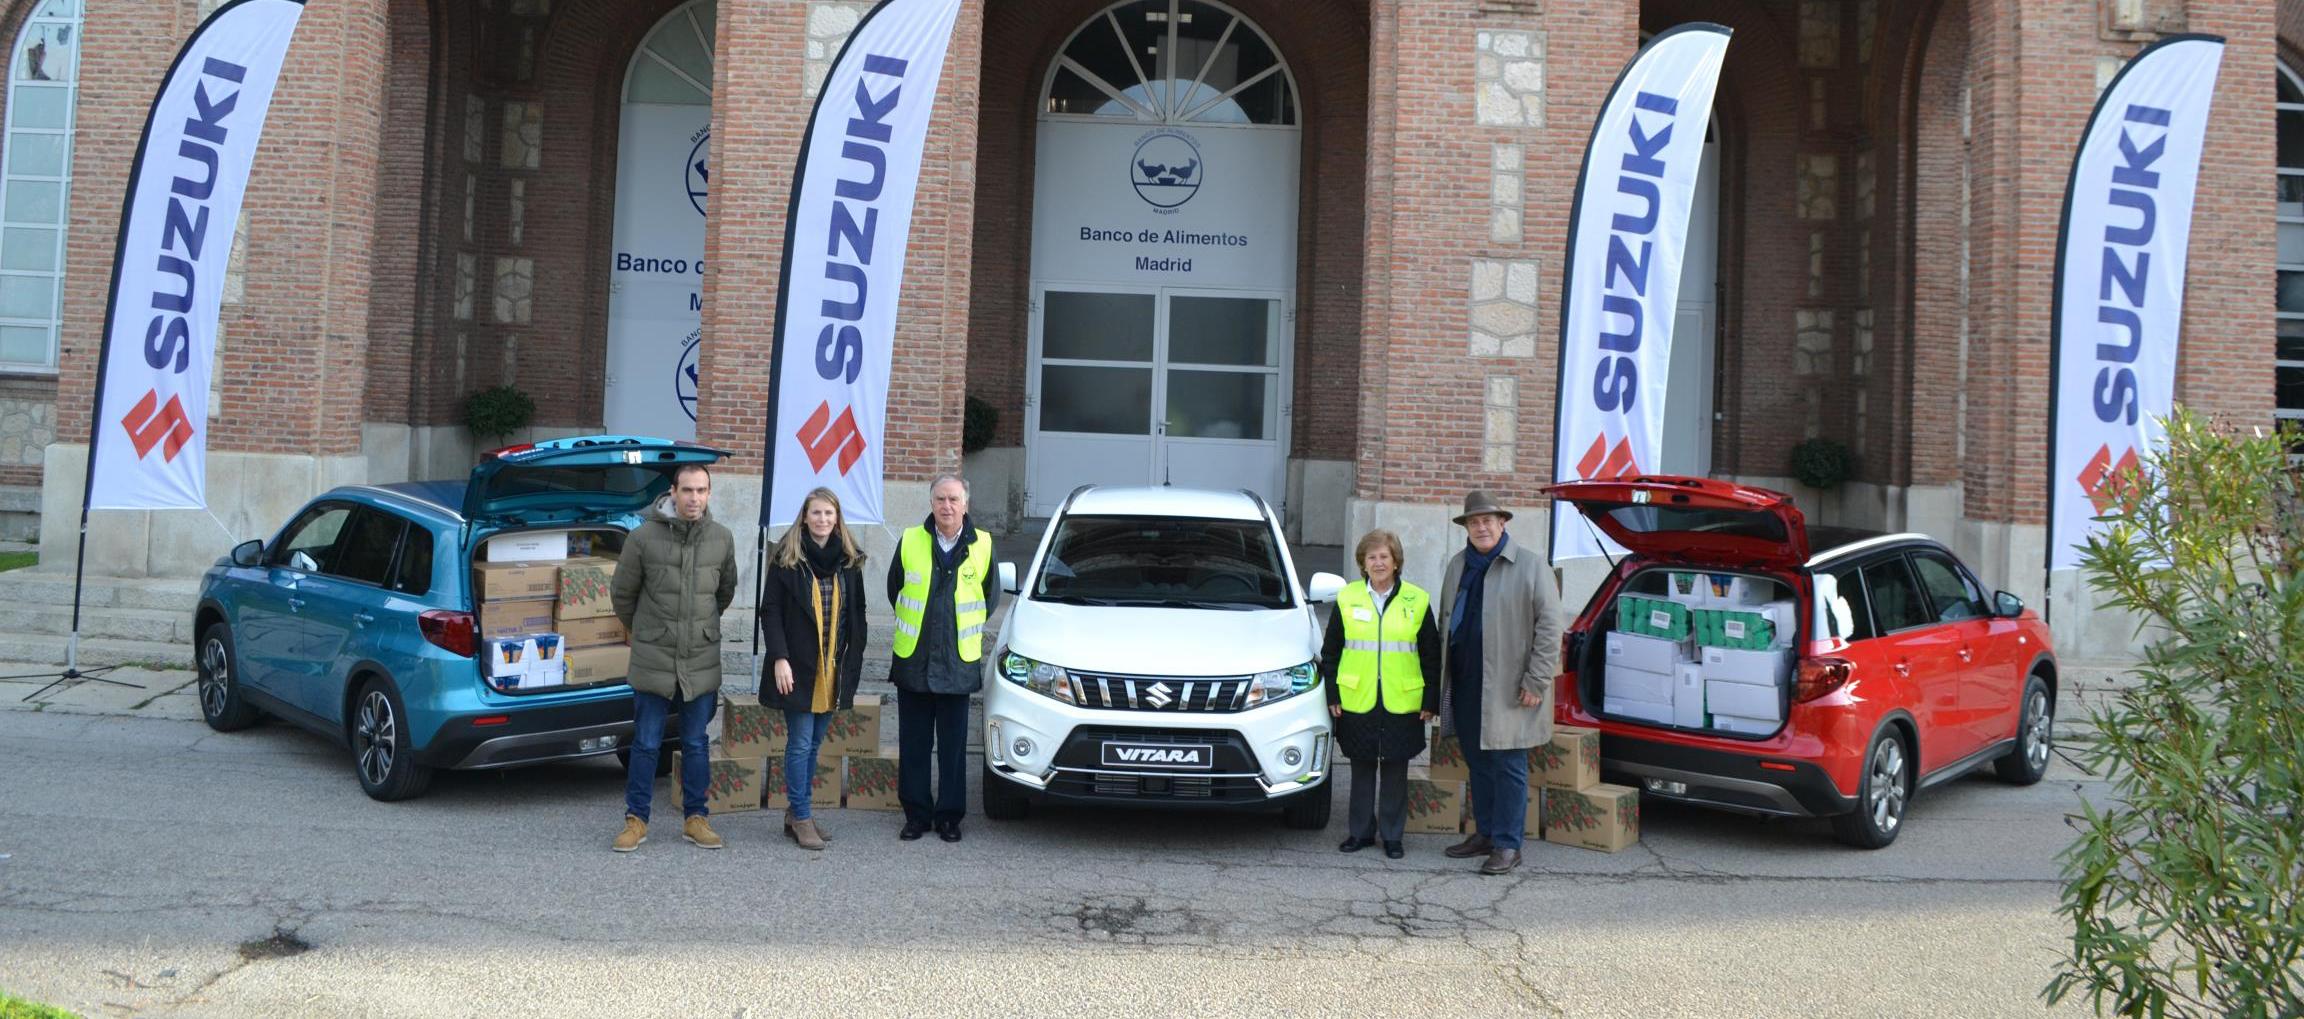 Litros x Kilos, la Campaña de Suzuki para estas Navidades